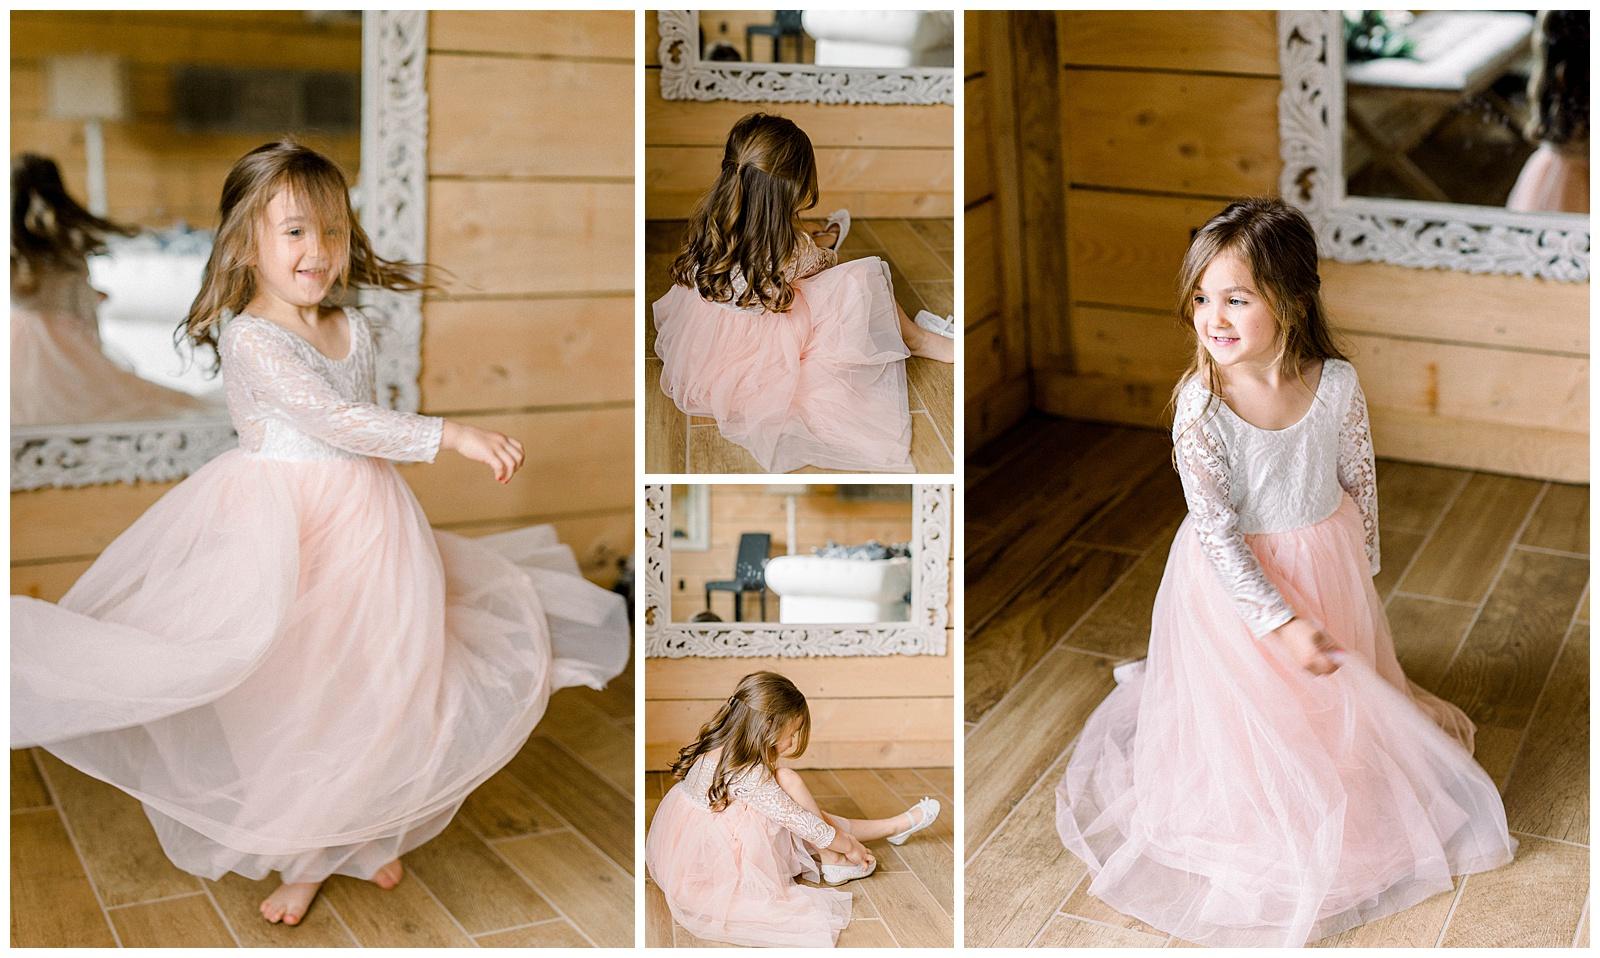 Lewis-Kara-Blakeman-Photography-Huntington-West-Virginia-Wedding-Barn-Olde-Homestead-12